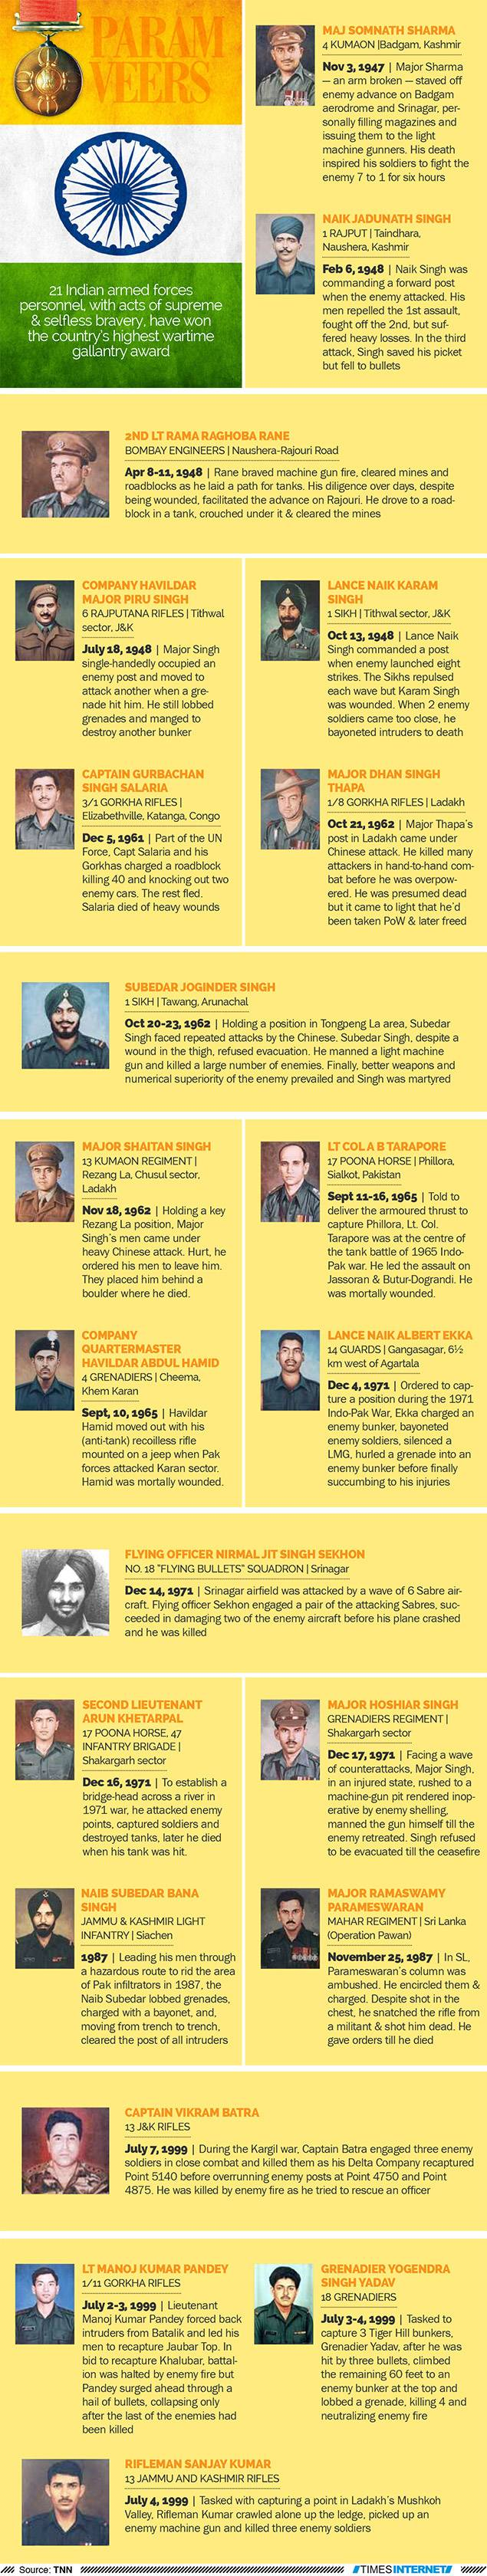 Param Vir Chakra Awardees List